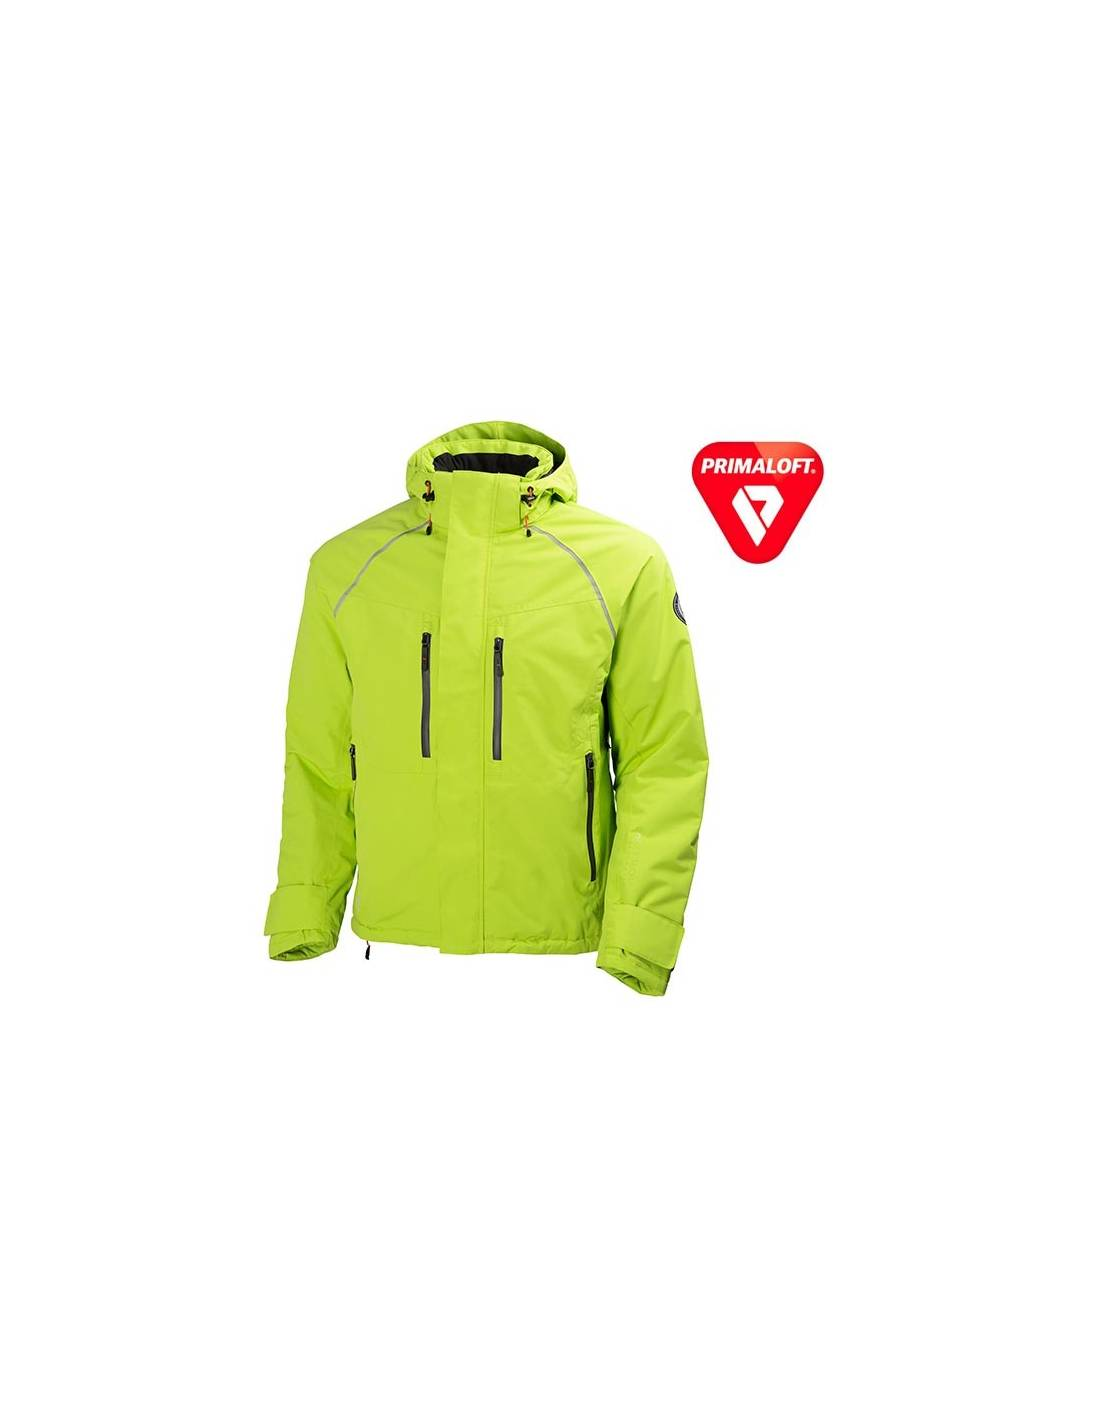 Chaqueta de invierno Artic Jacket verde lima de Helly Hansen COMPRAR ... b6228d8a2165